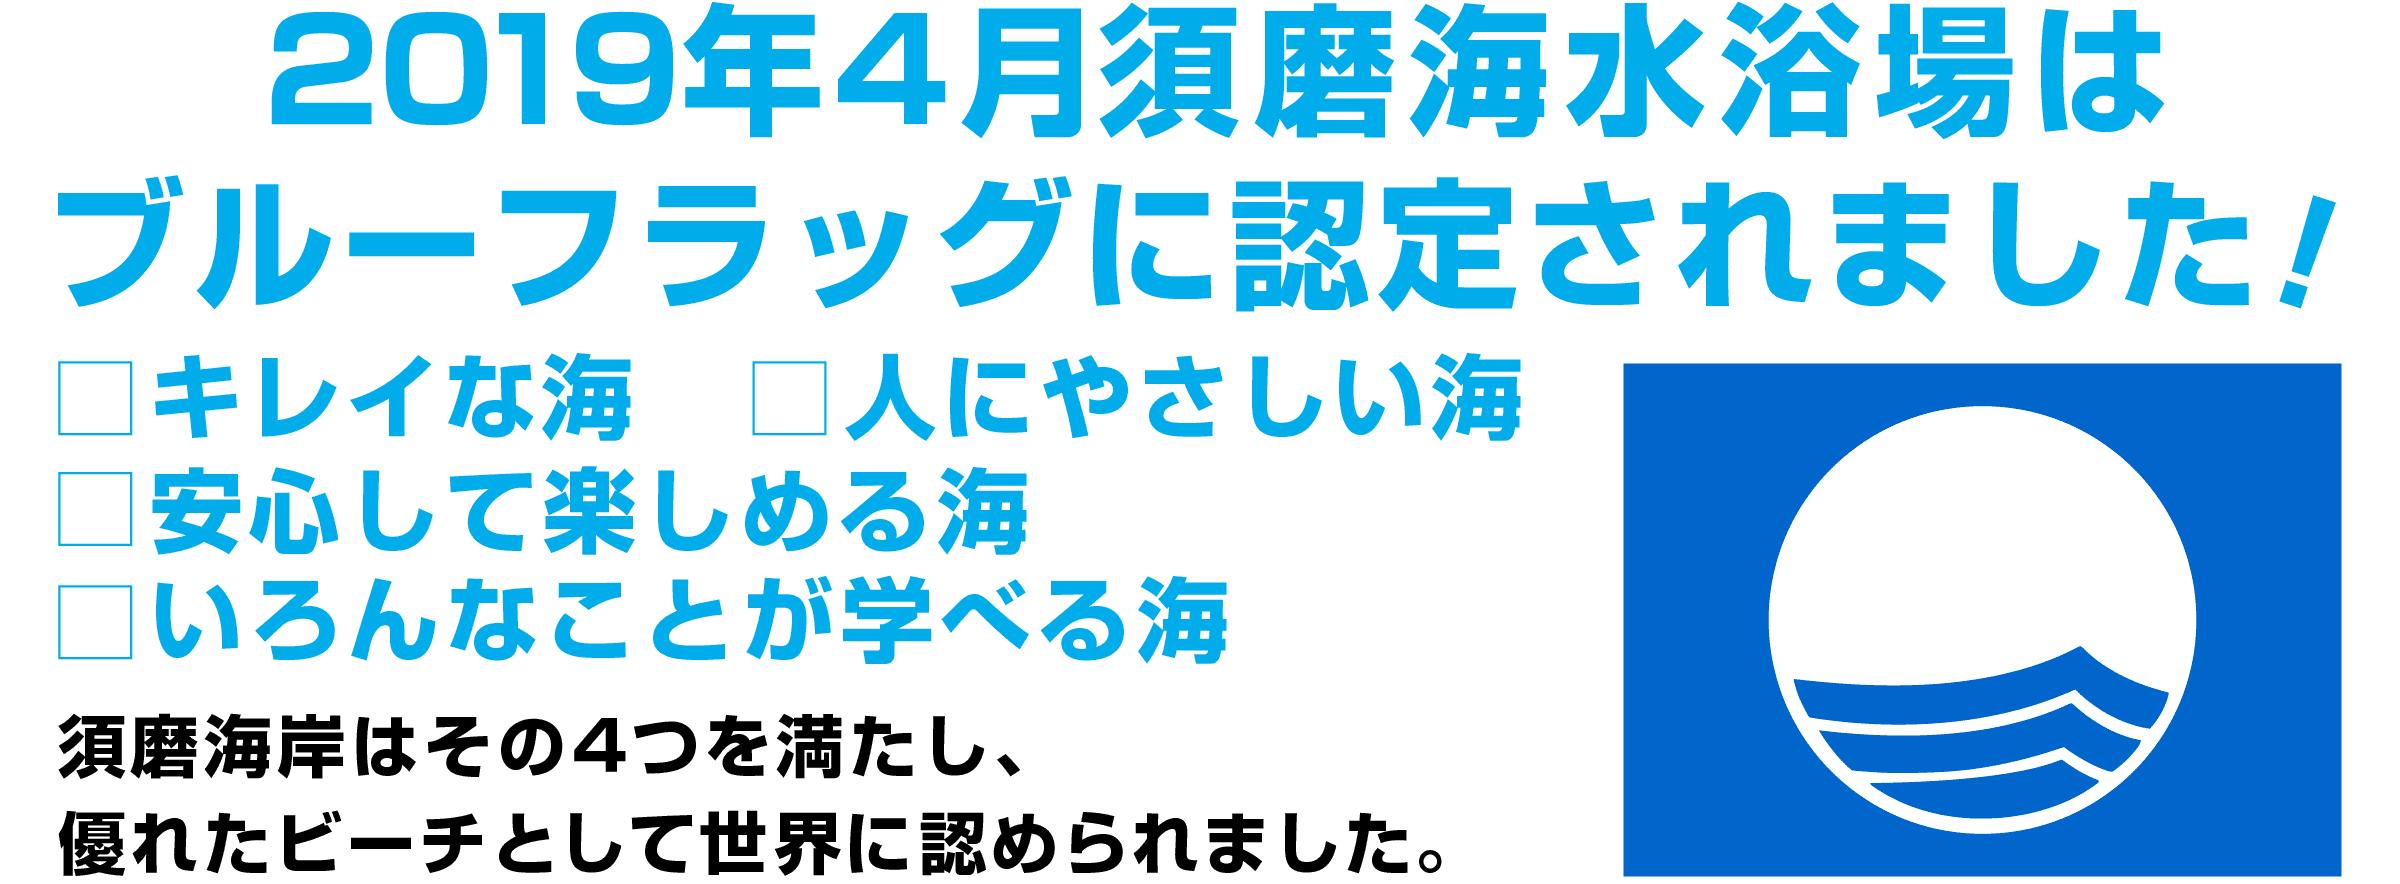 2019年4月須磨海水浴場はブルーフラッグに認定されました!